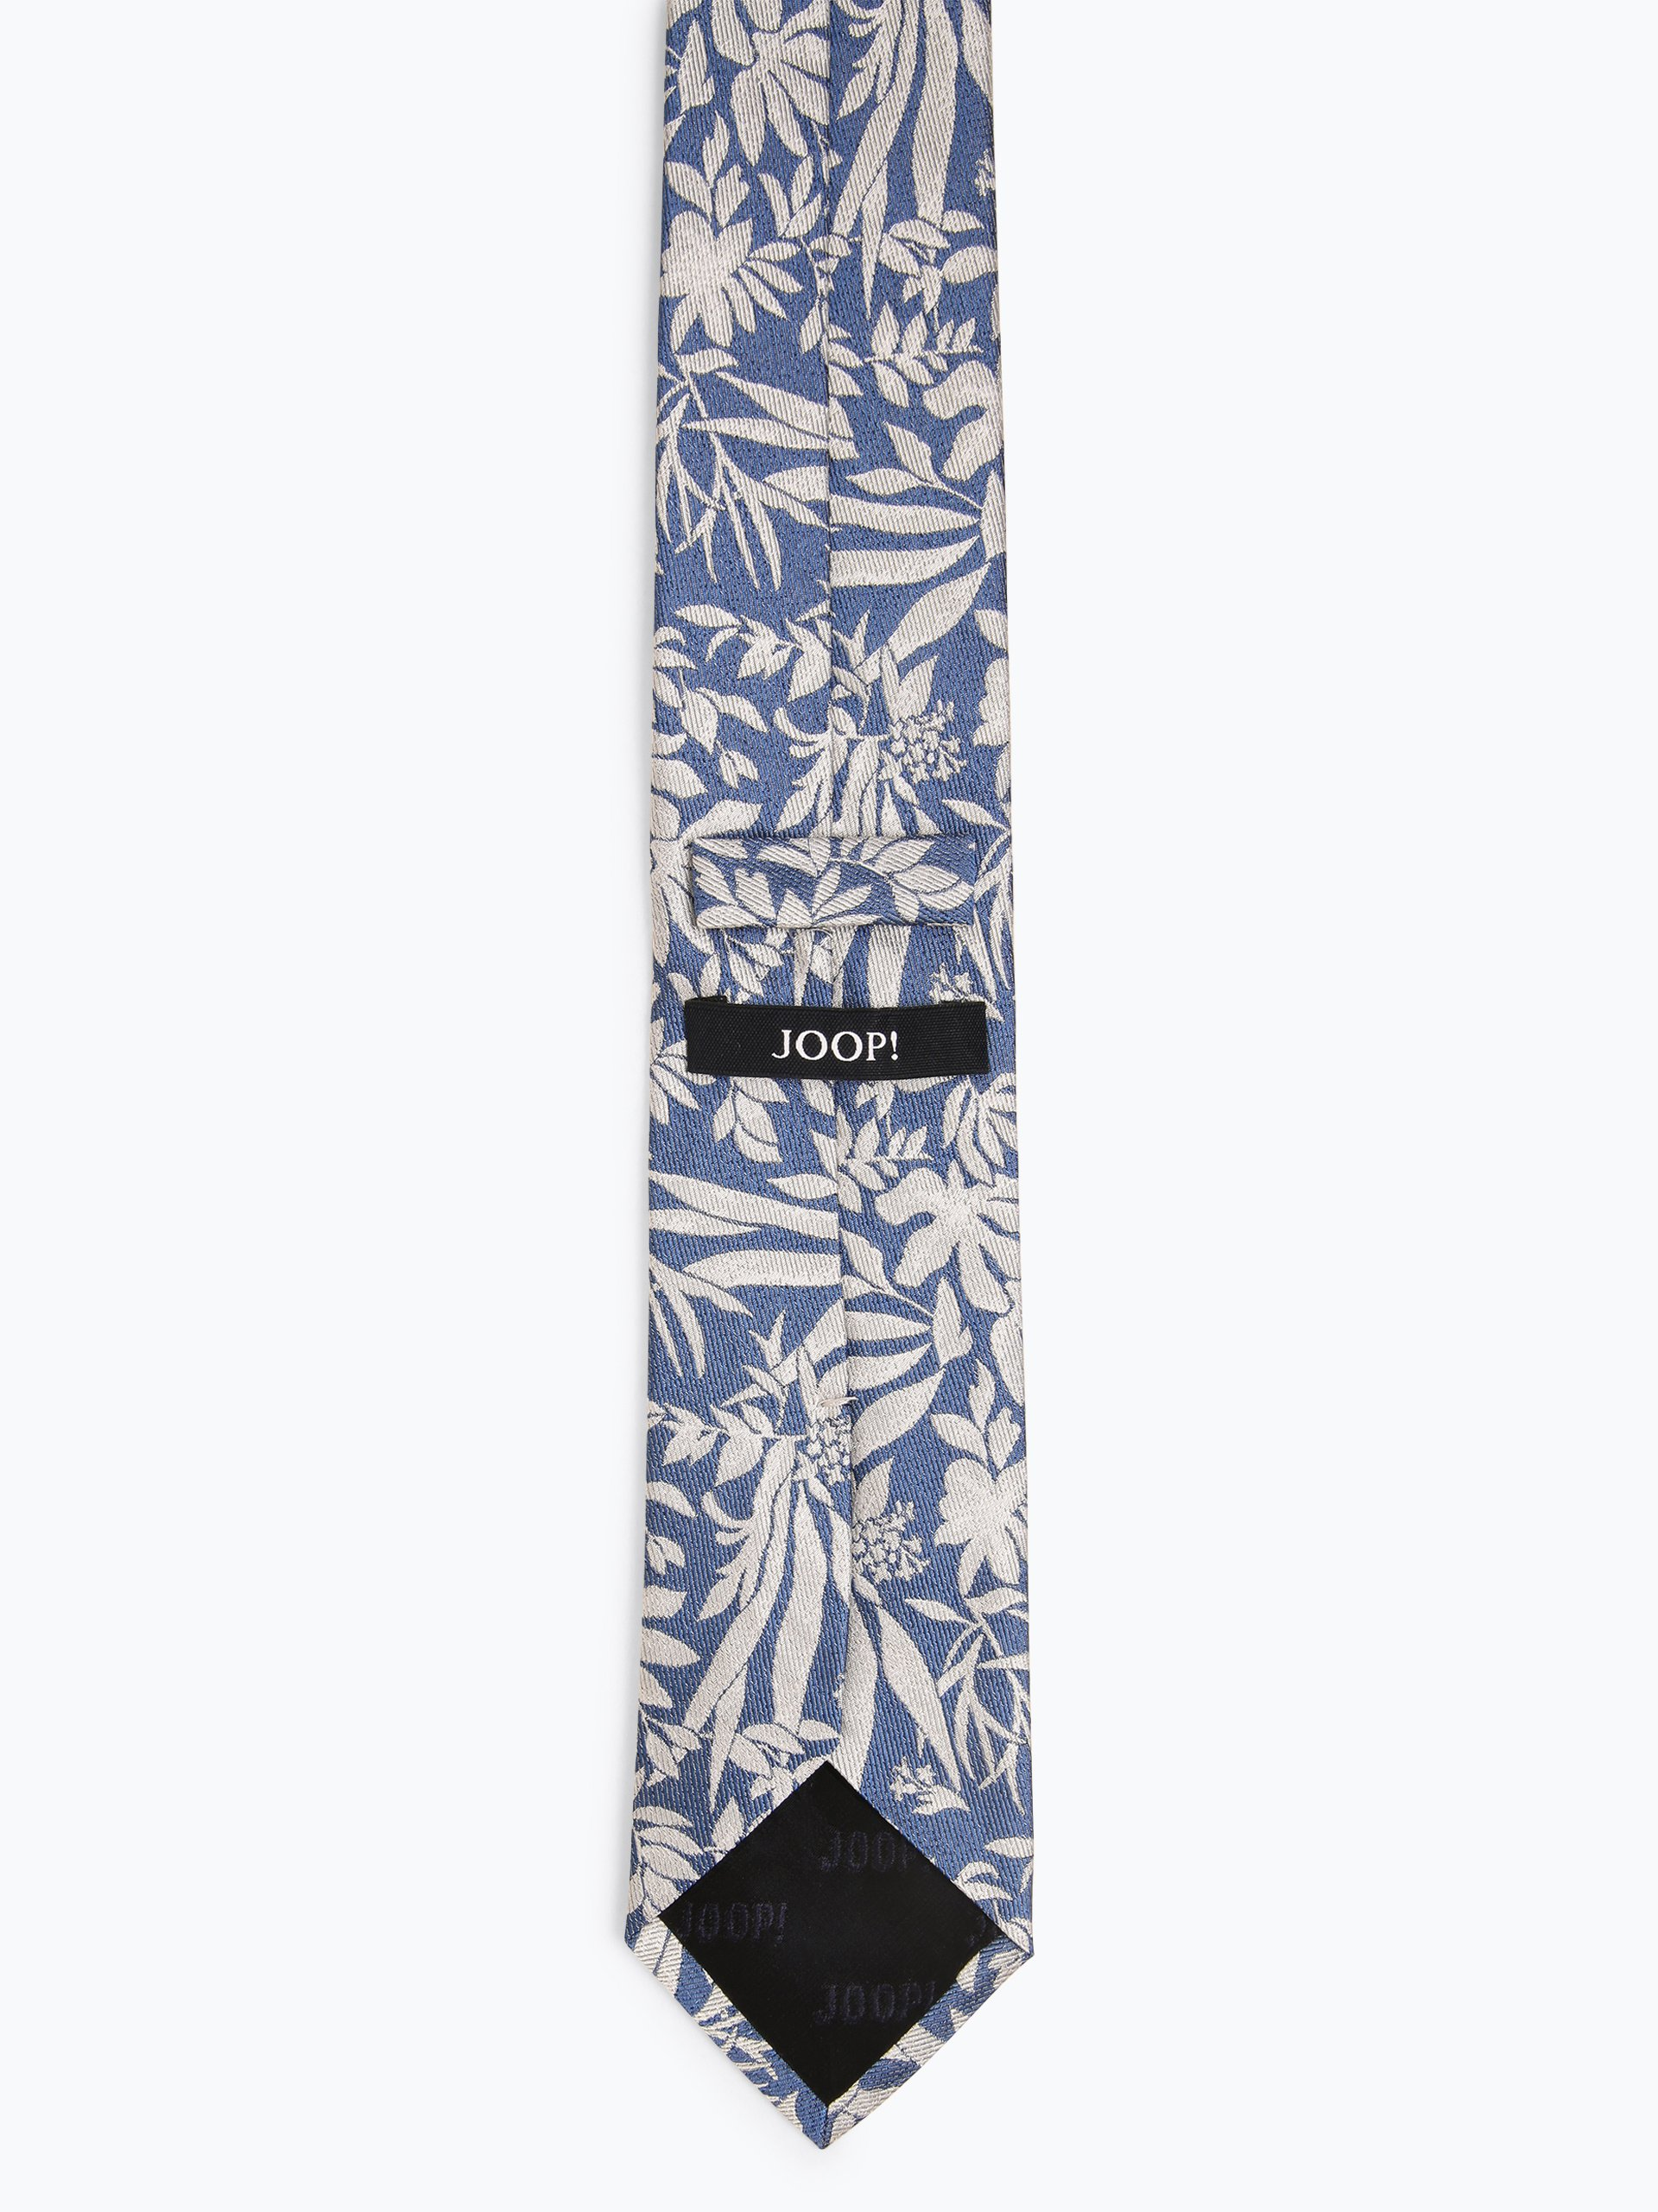 Joop Herren Krawatte aus Seide